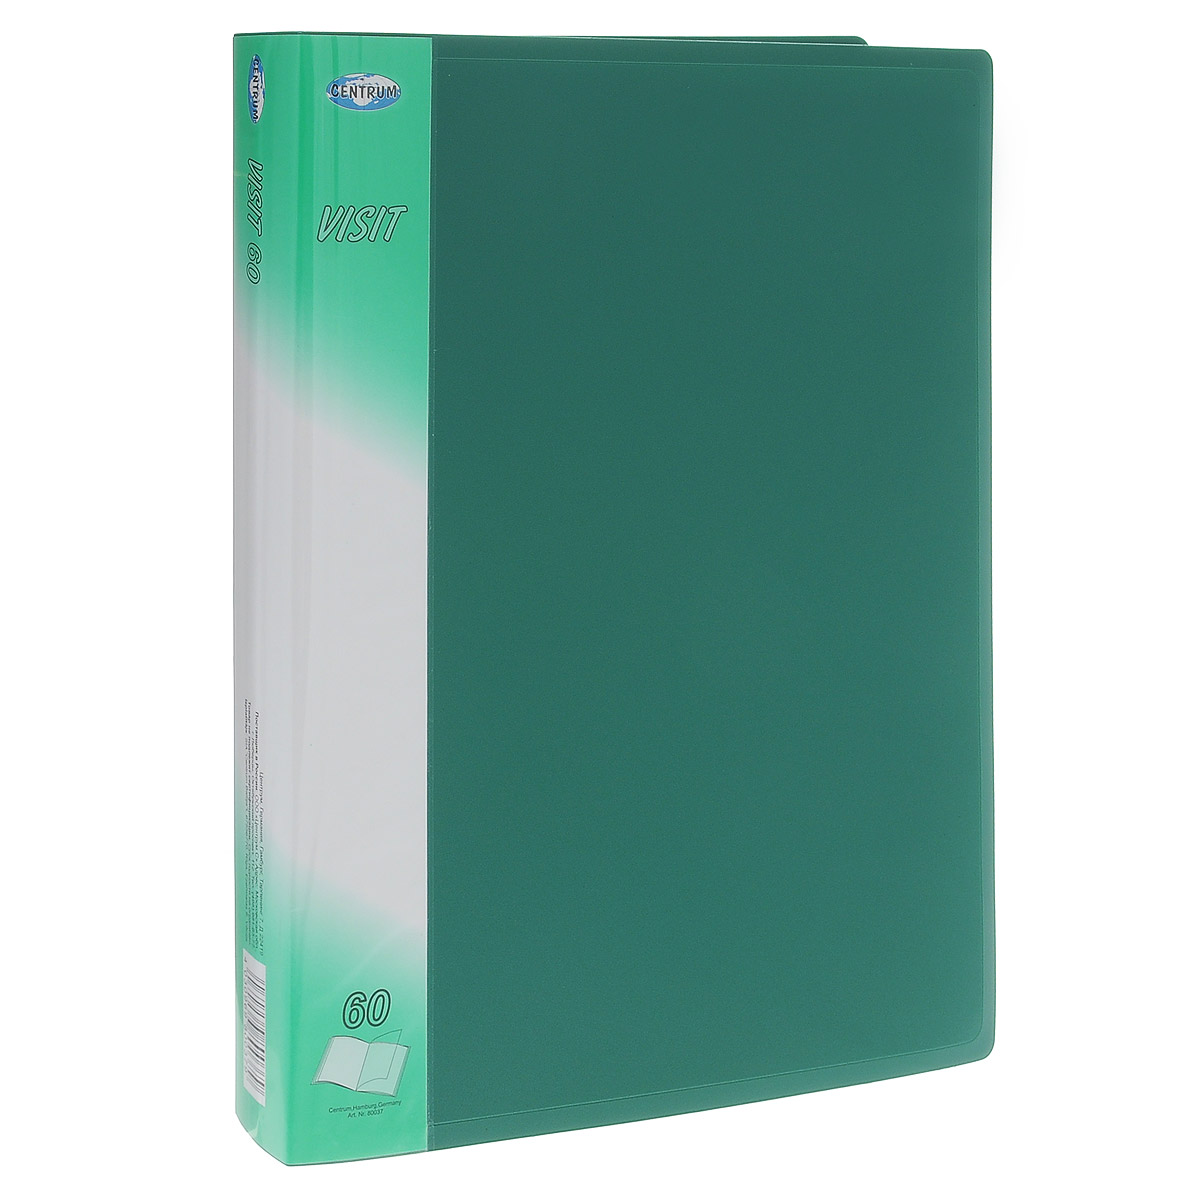 Папка с файлами Centrum Visit, 60 листов, цвет: зеленый. 8003780037_зеленыйПапка Centrum Visit с 60 прозрачными вкладышами-файлами предназначена для хранения и презентации документов формата А4. Папка изготовлена из полупрозрачного фактурного пластика, благодаря чему документы, помещенные в нее, будут надежно защищены. Прочное соединение папки и вкладышей обеспечено за счет их лазерной сварки. Углы папки закруглены.Папка надежно сохранит ваши документы и сбережет их от повреждений, пыли и влаги.